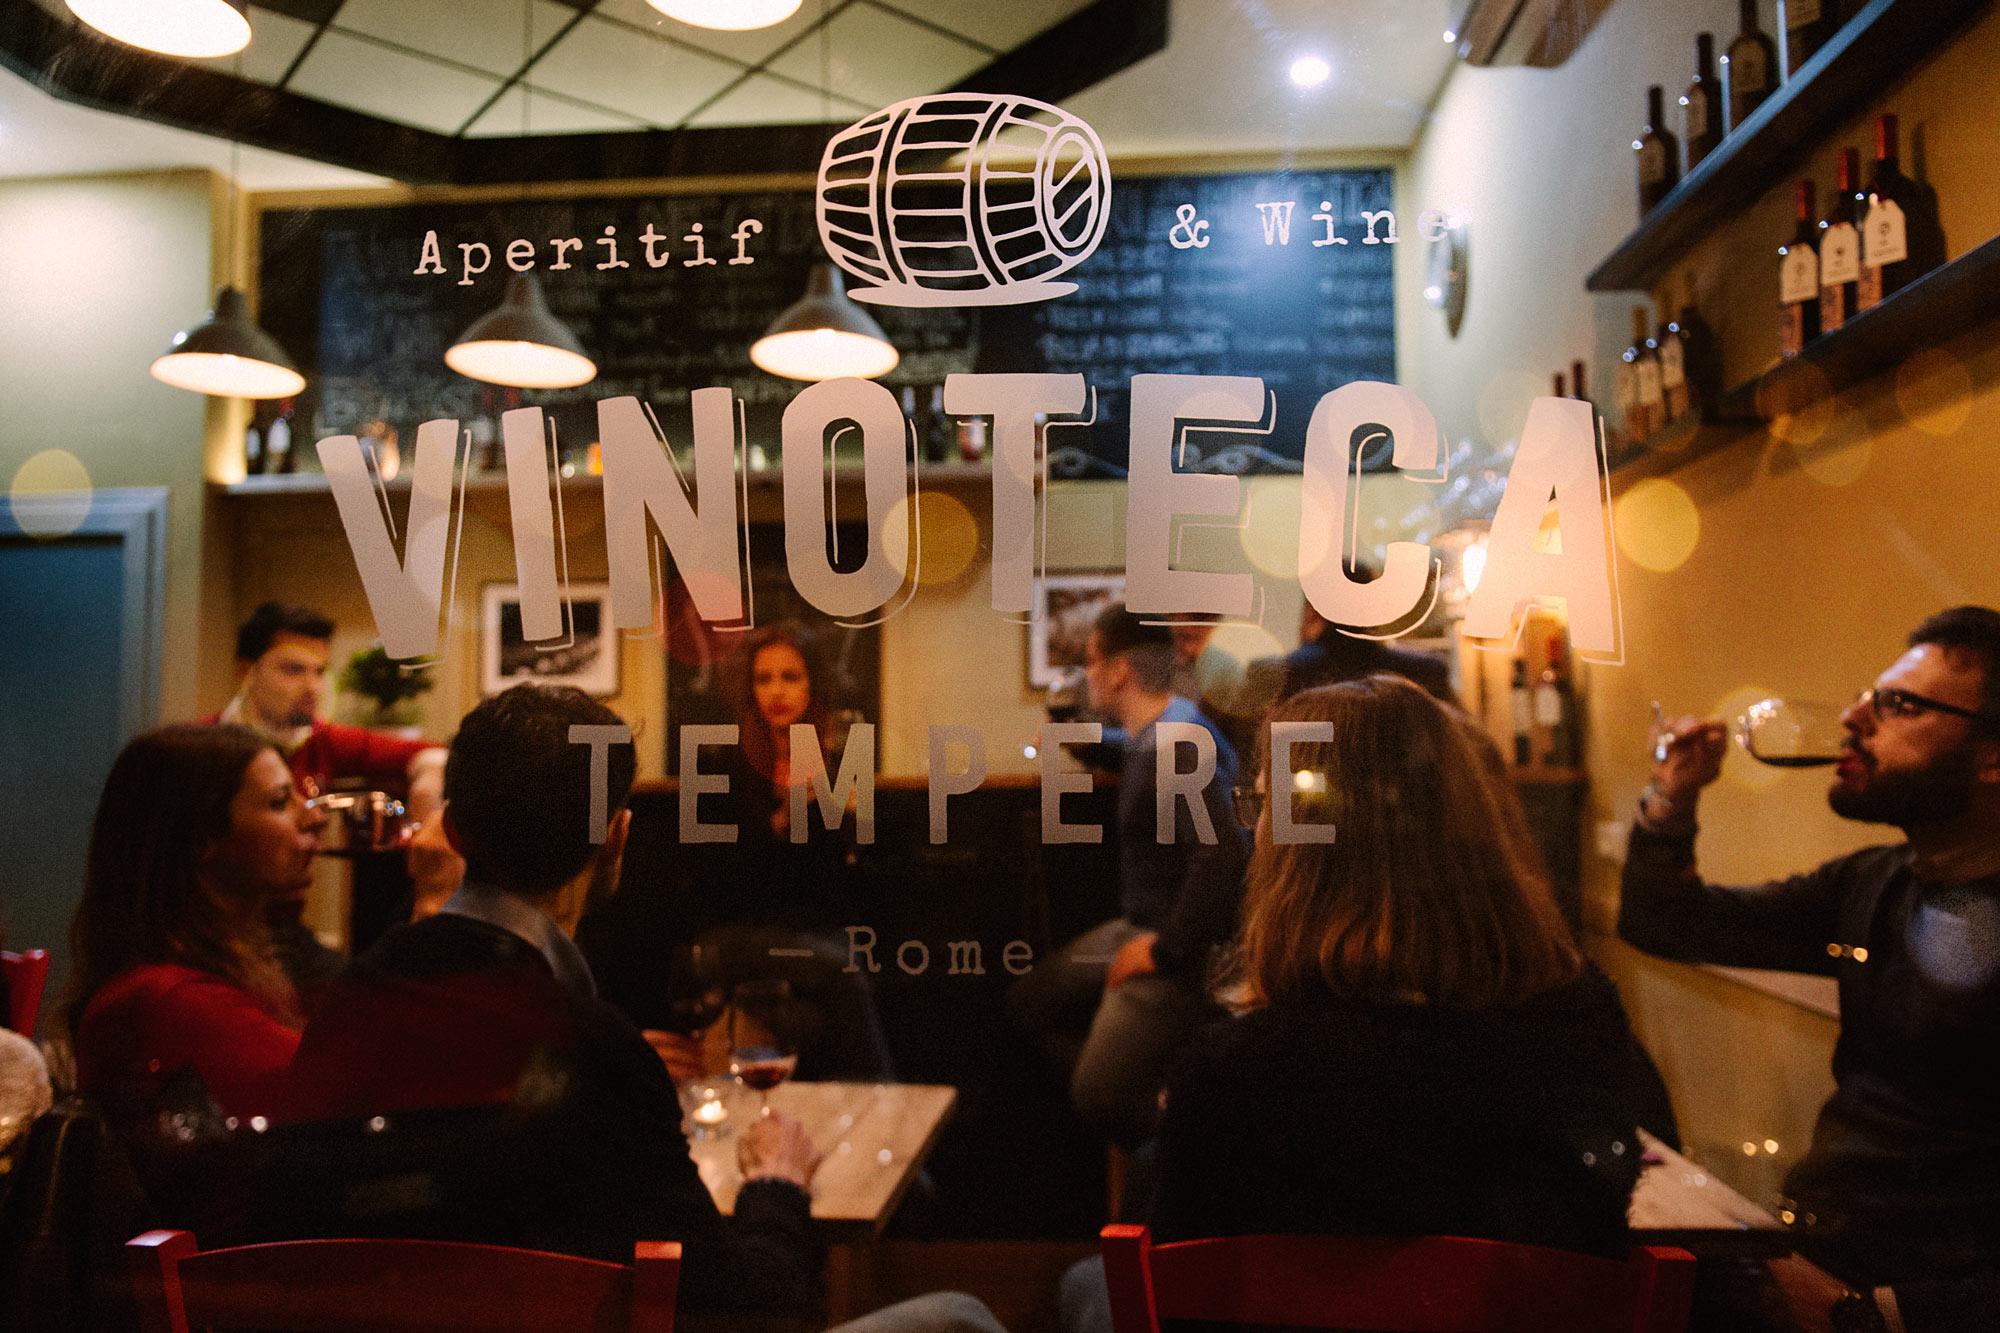 vinoteca-tempere-roma